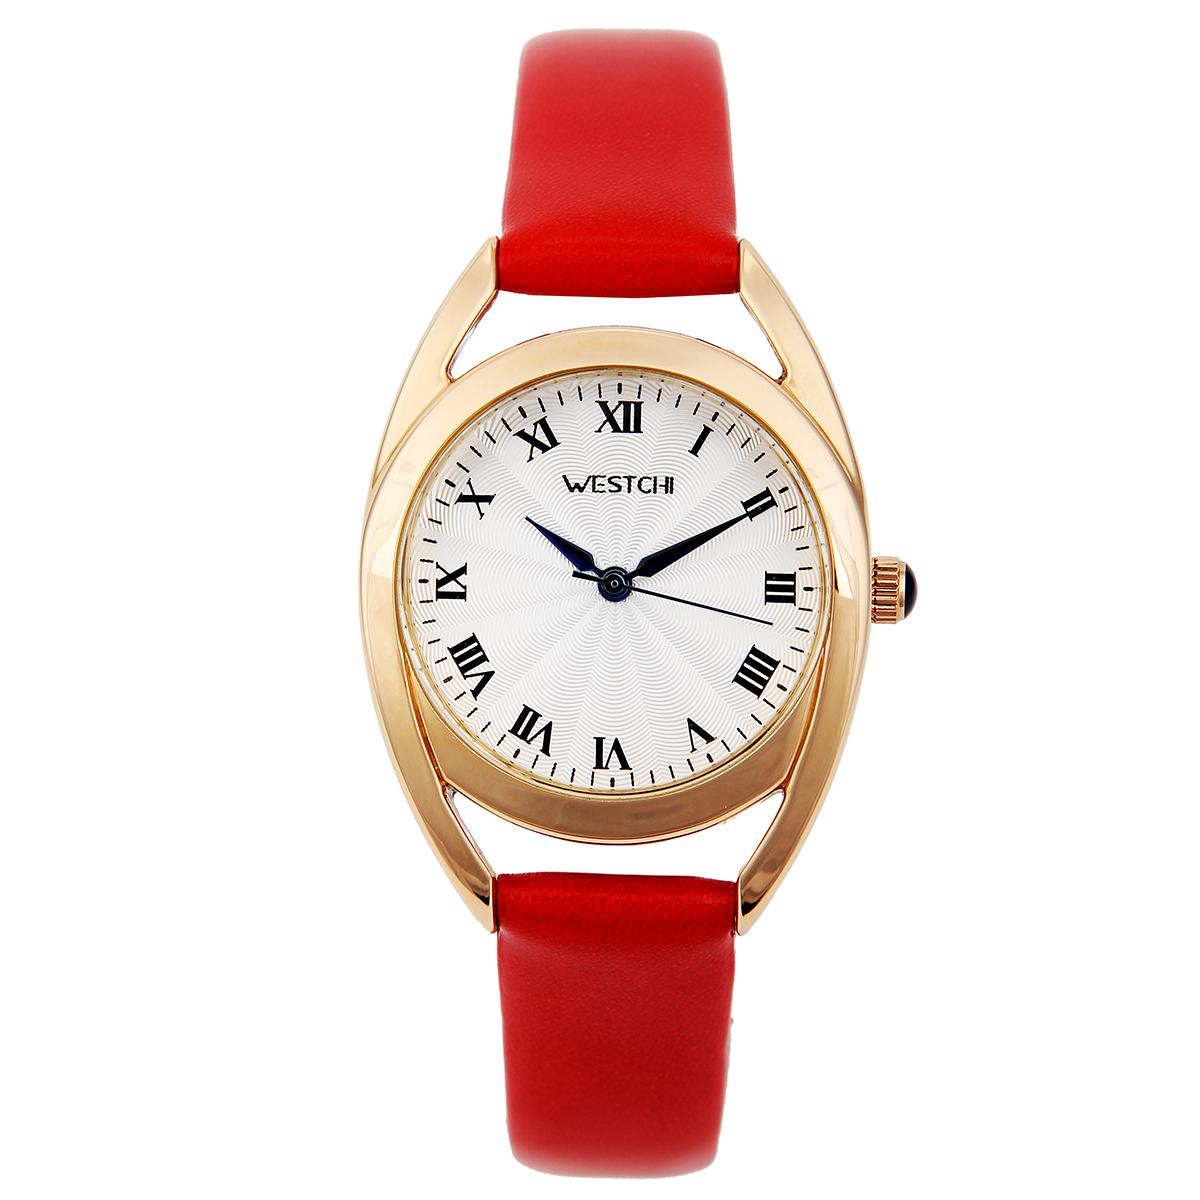 ساعت مچی عقربه ای زنانه وستچی کد  W1073